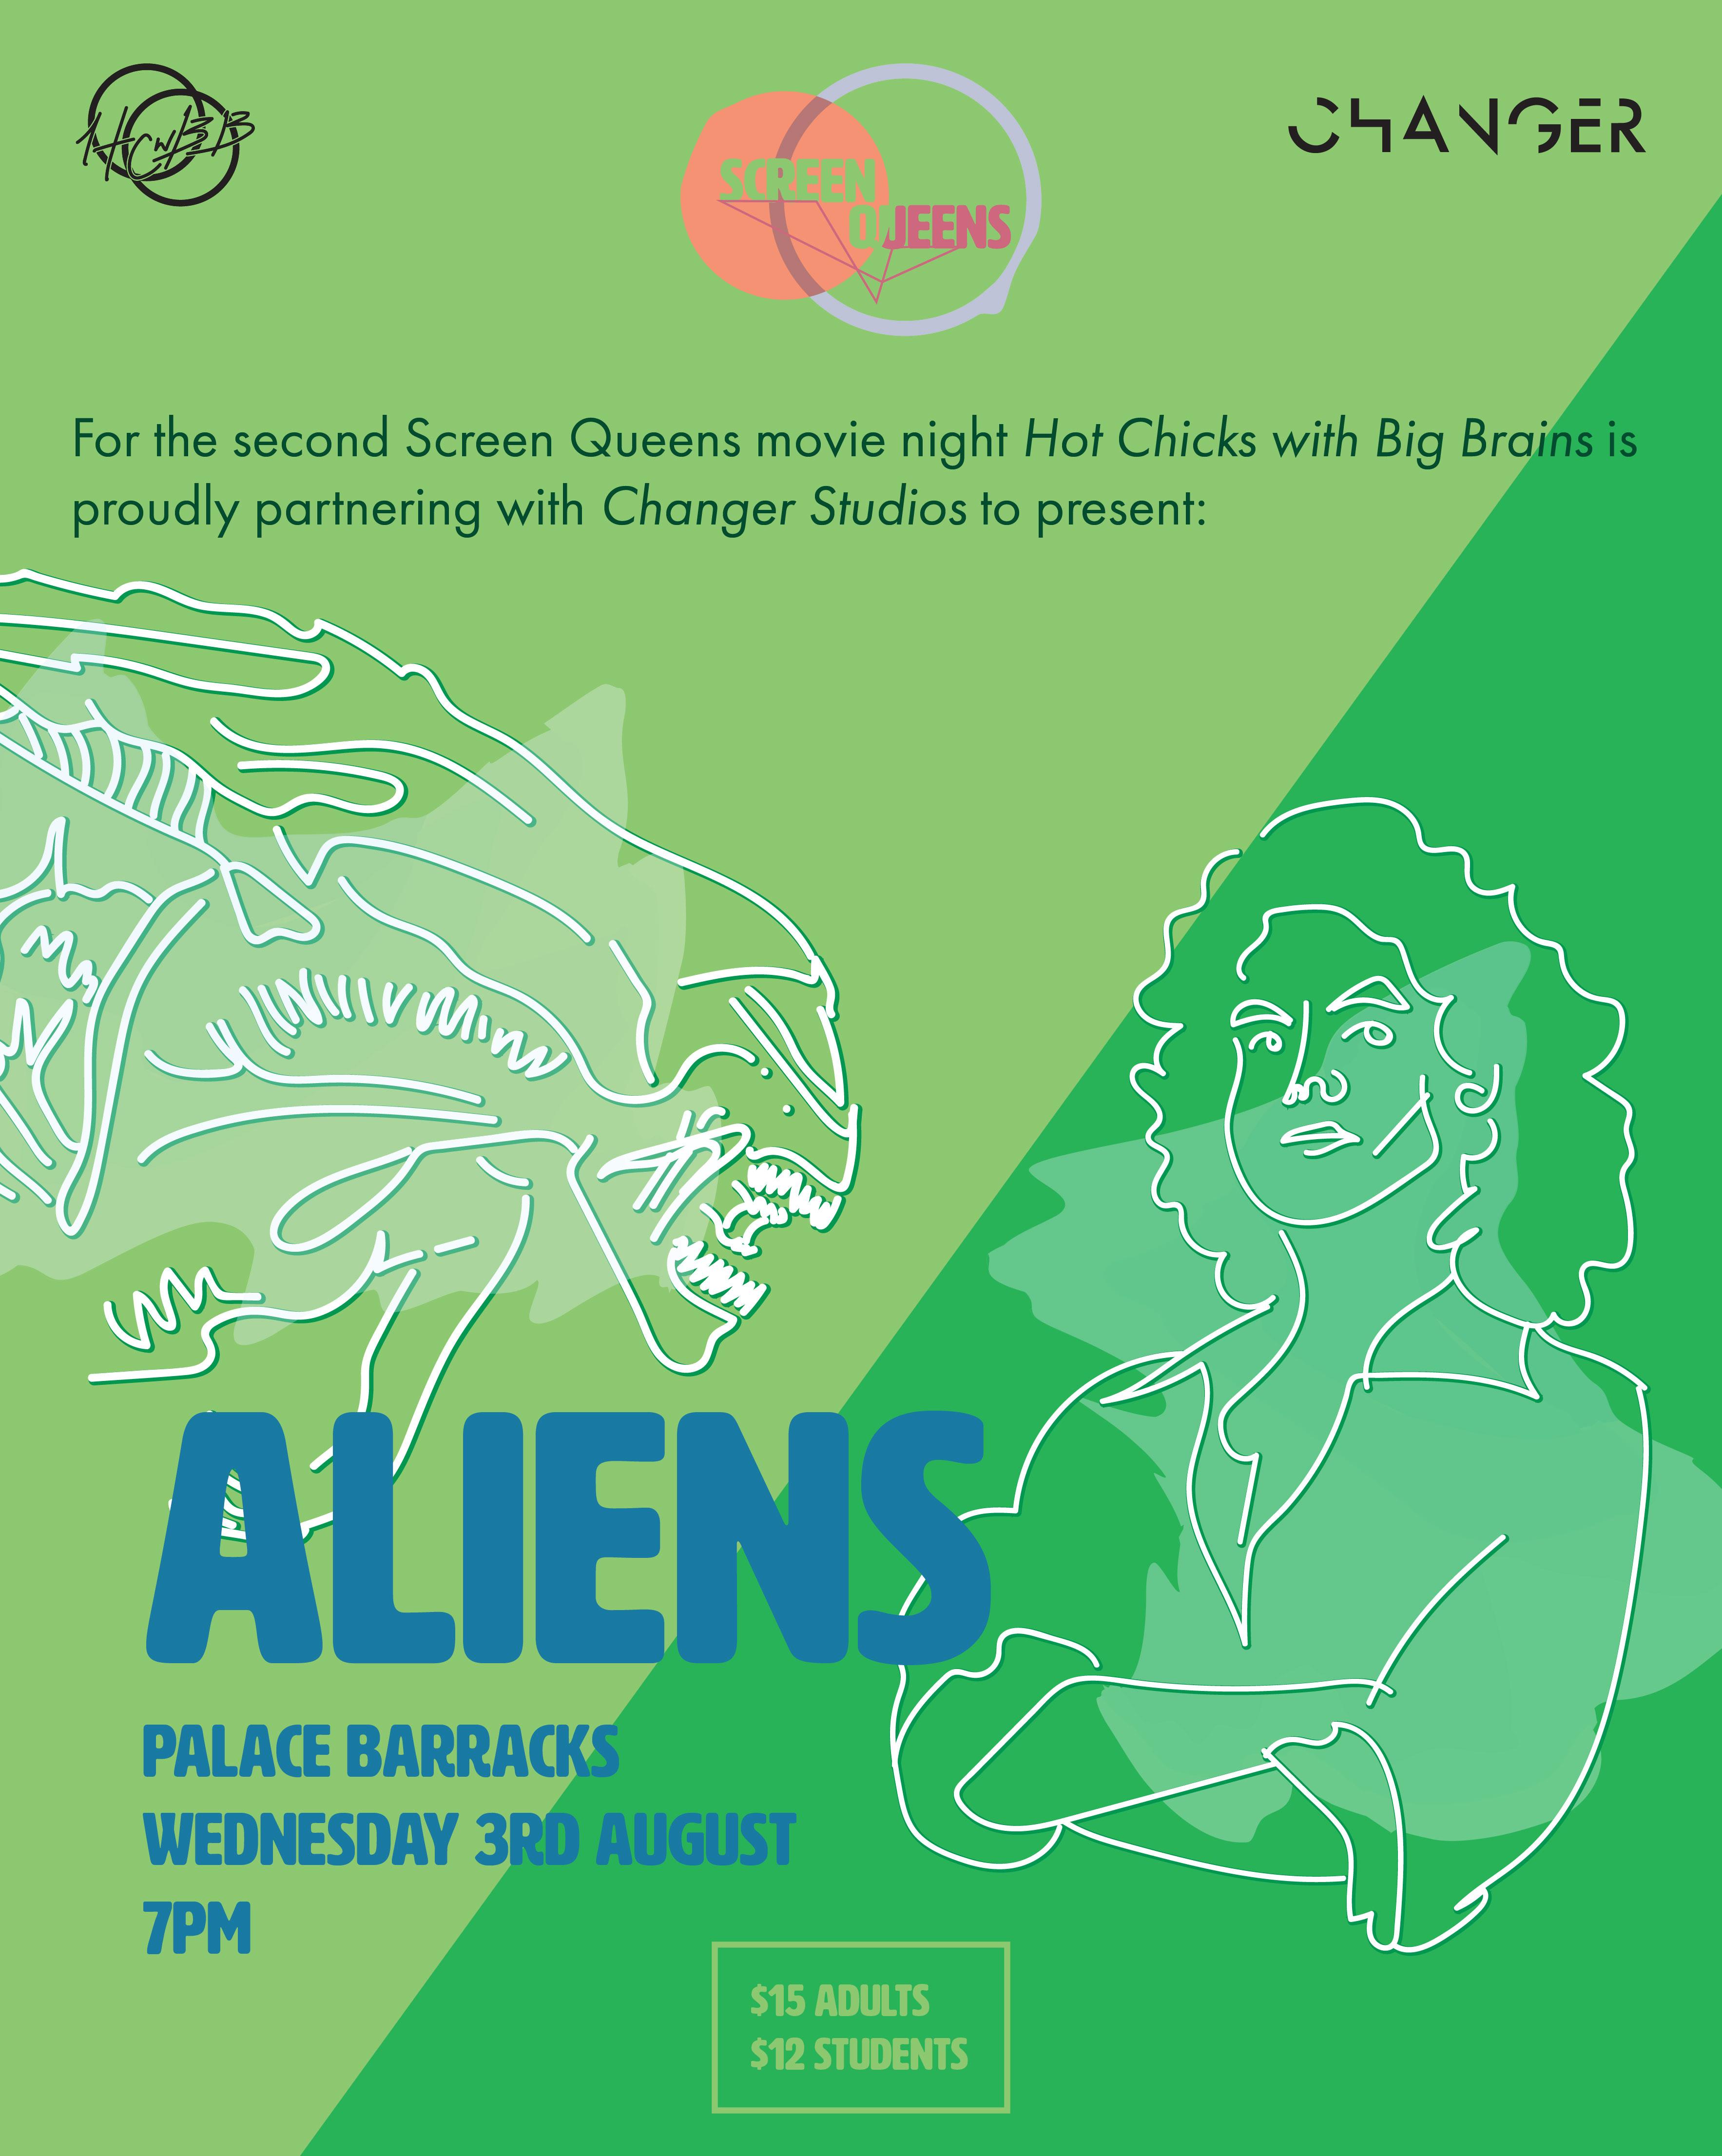 alien_bigcartel_IG_poster-01